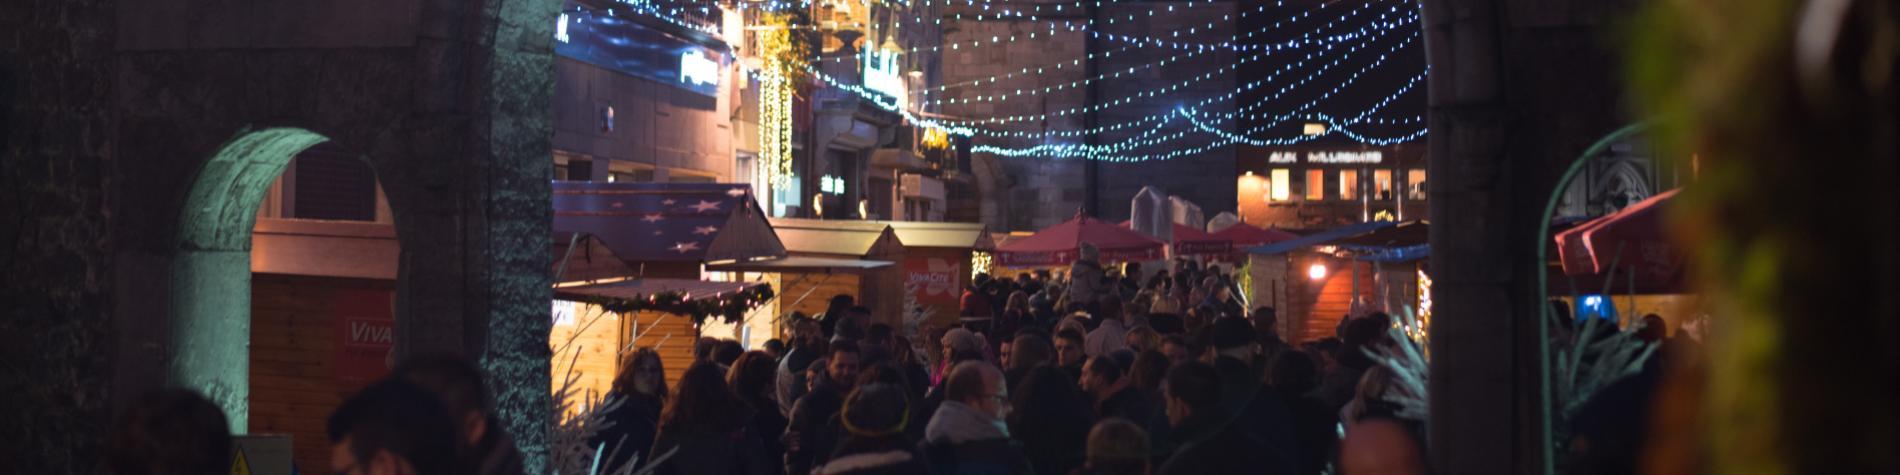 Marché de Noël de Chimay